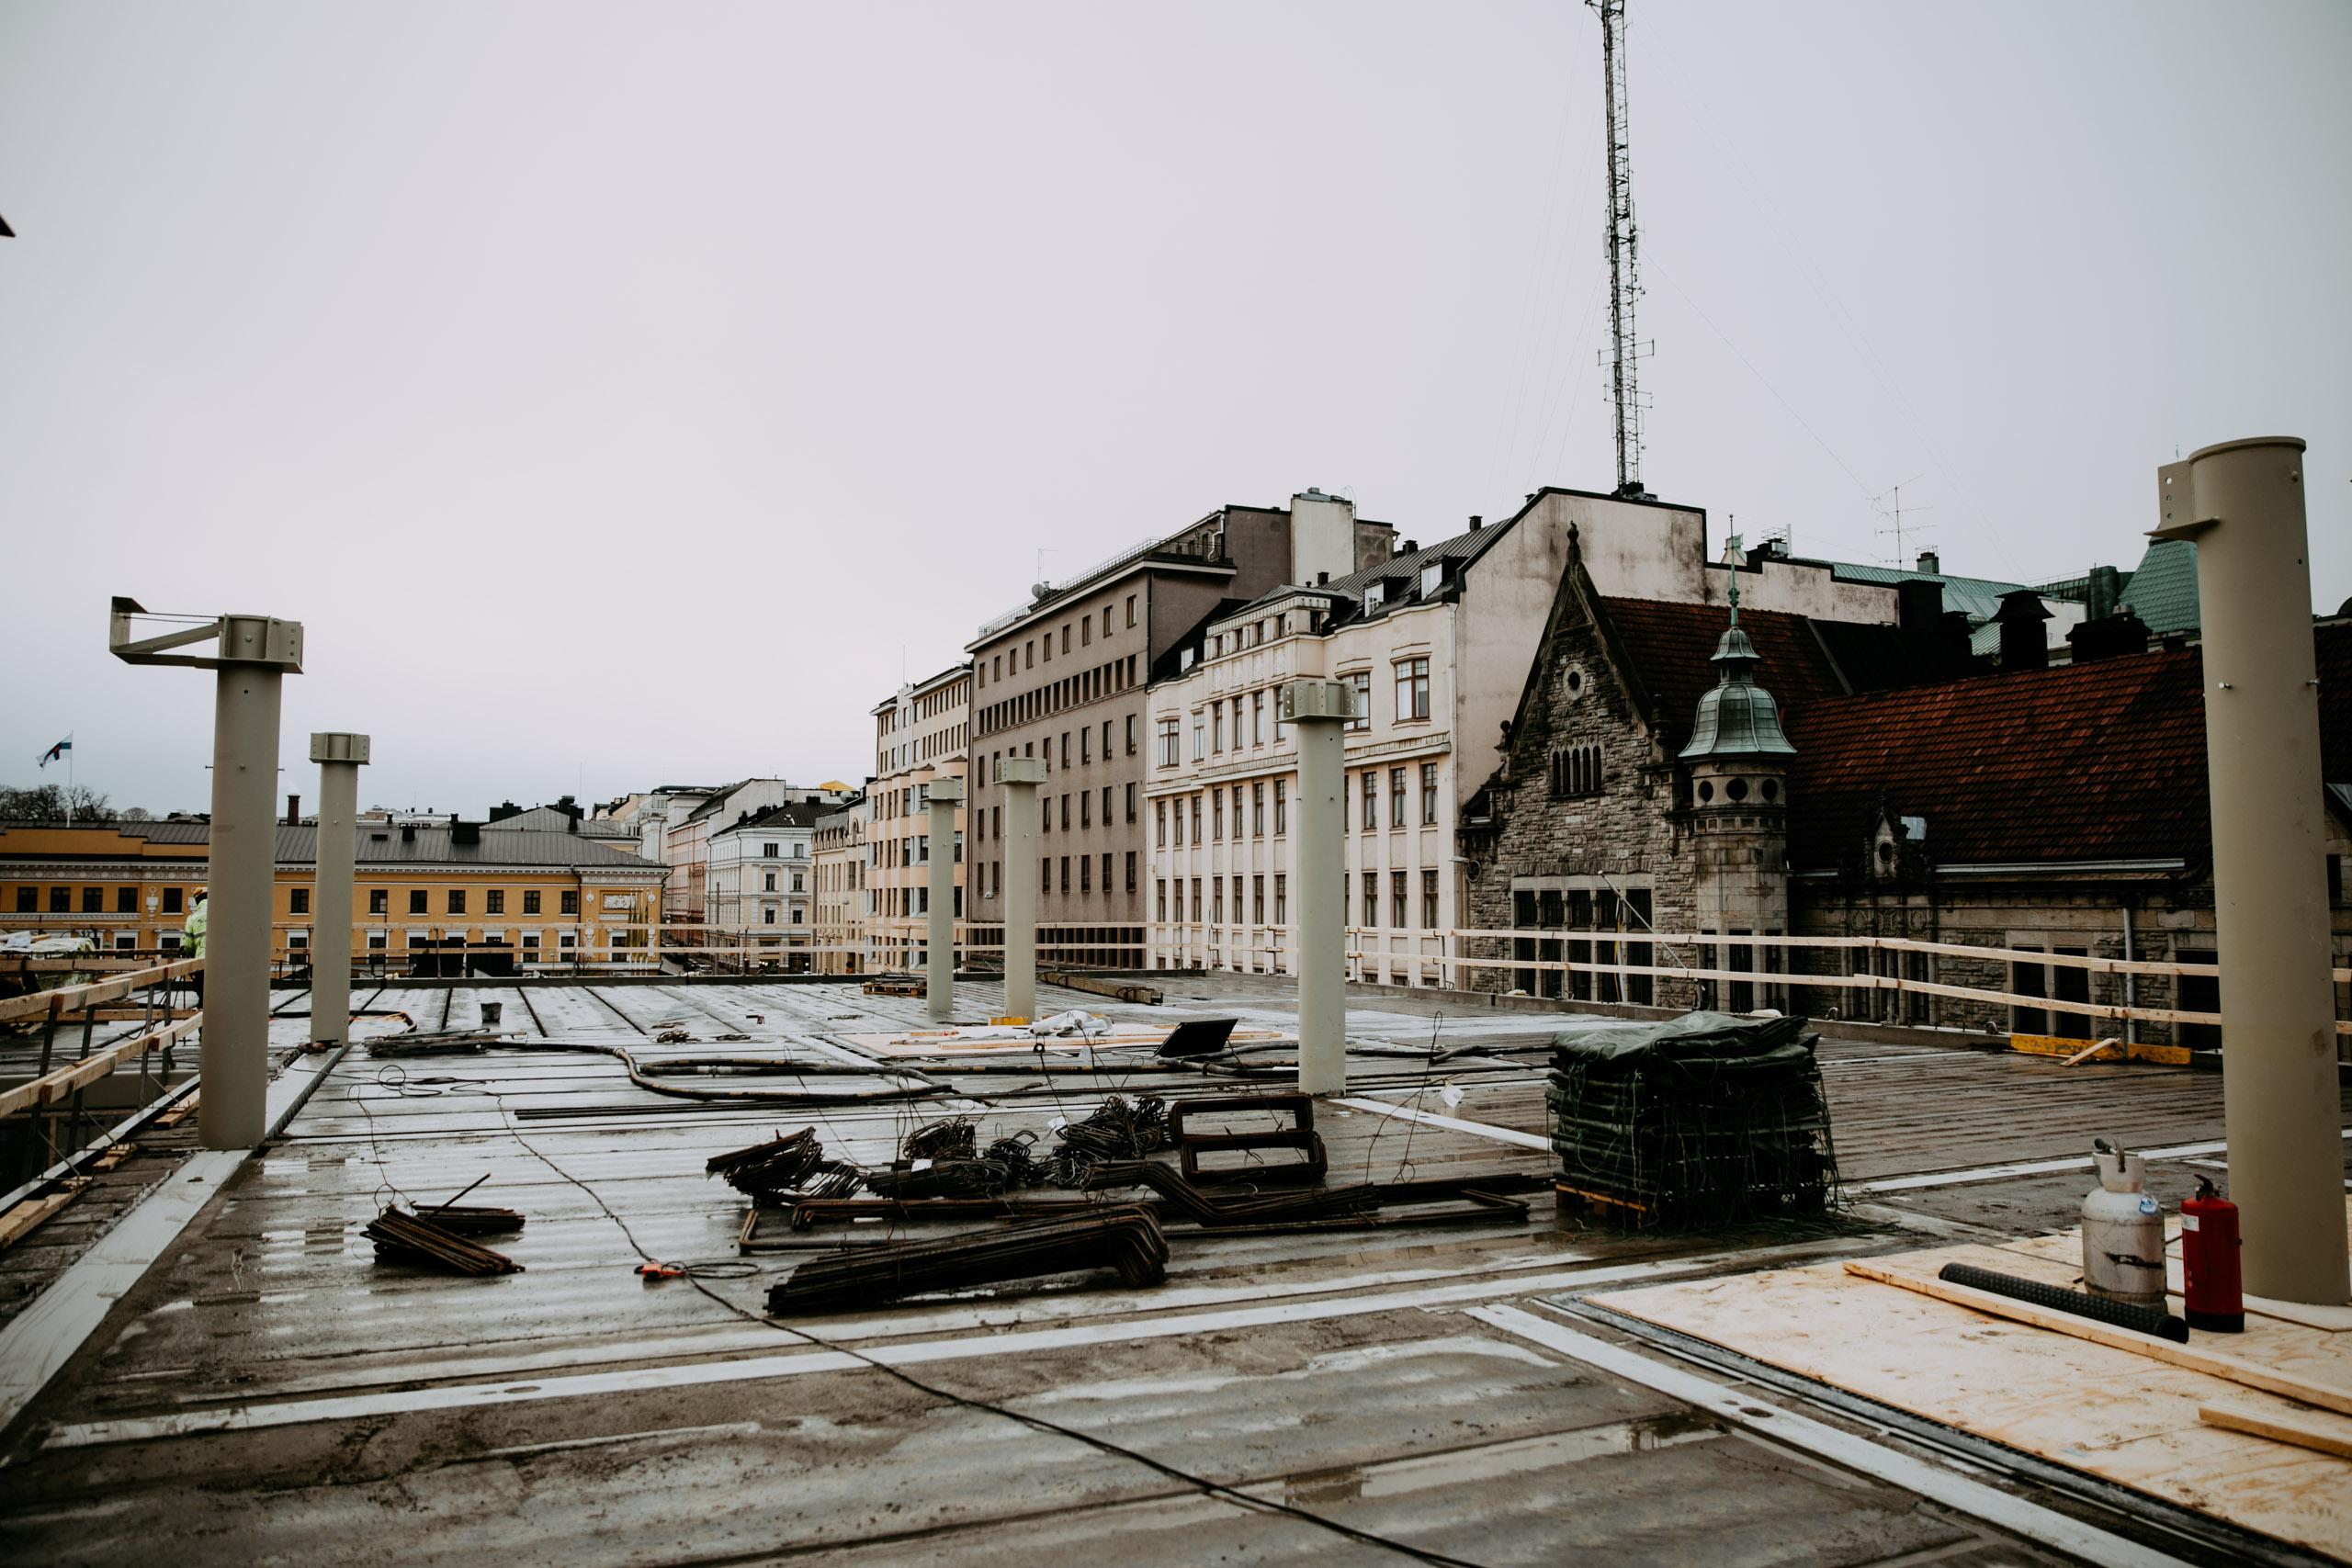 Toisen kerroksen katolta avautuu näkymä Kasarmitorille ja Kasarmikadulle.